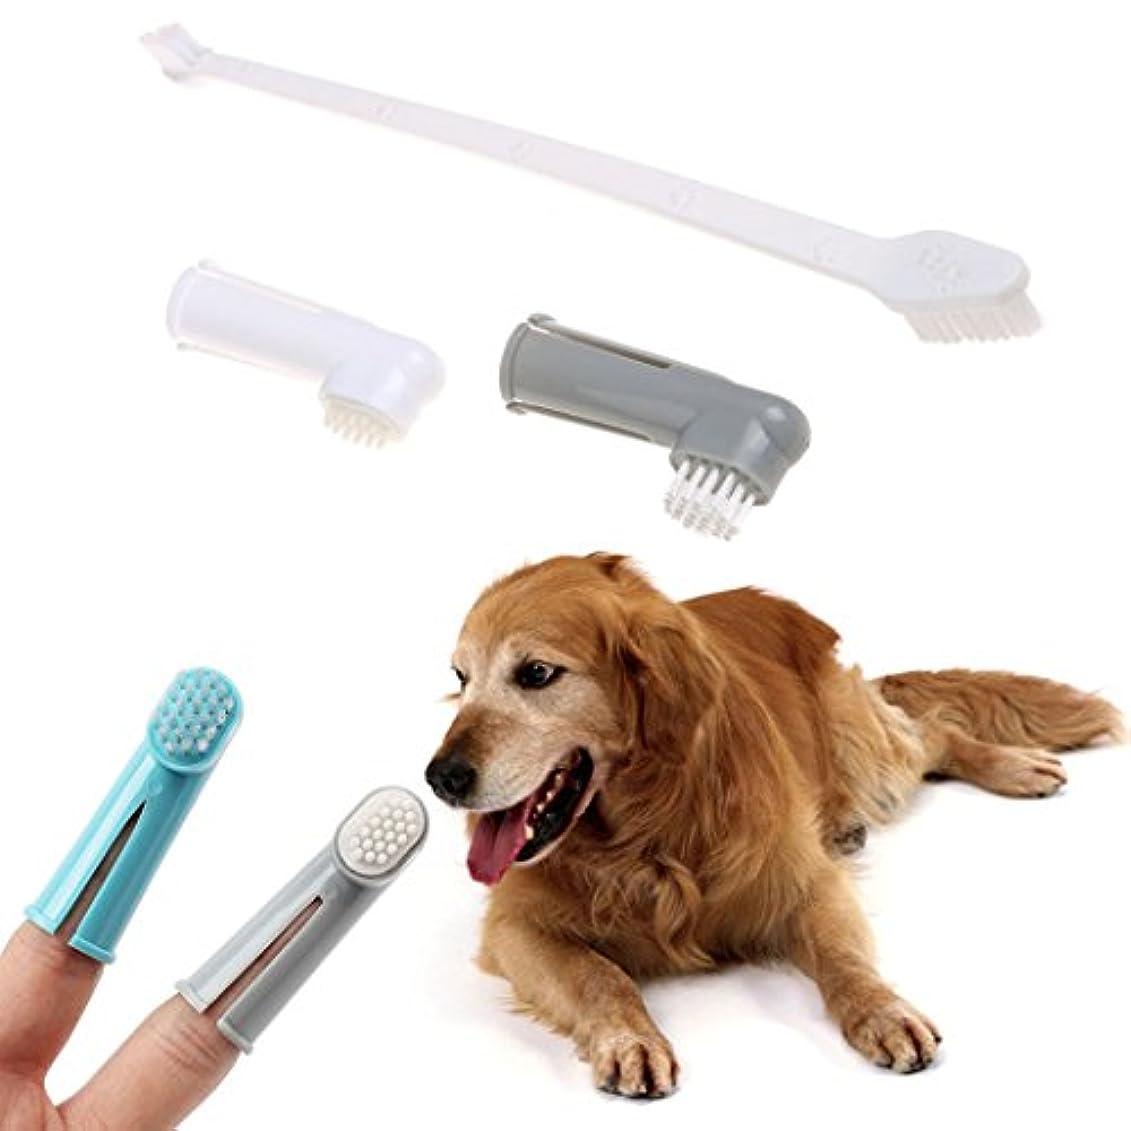 理解する仕事ページLegendog ペットの歯ブラシ 犬用歯ブラシ 指歯 ブラシ 歯磨き ペット歯ケア用品 カラフル 3ピースセット(合計9個)